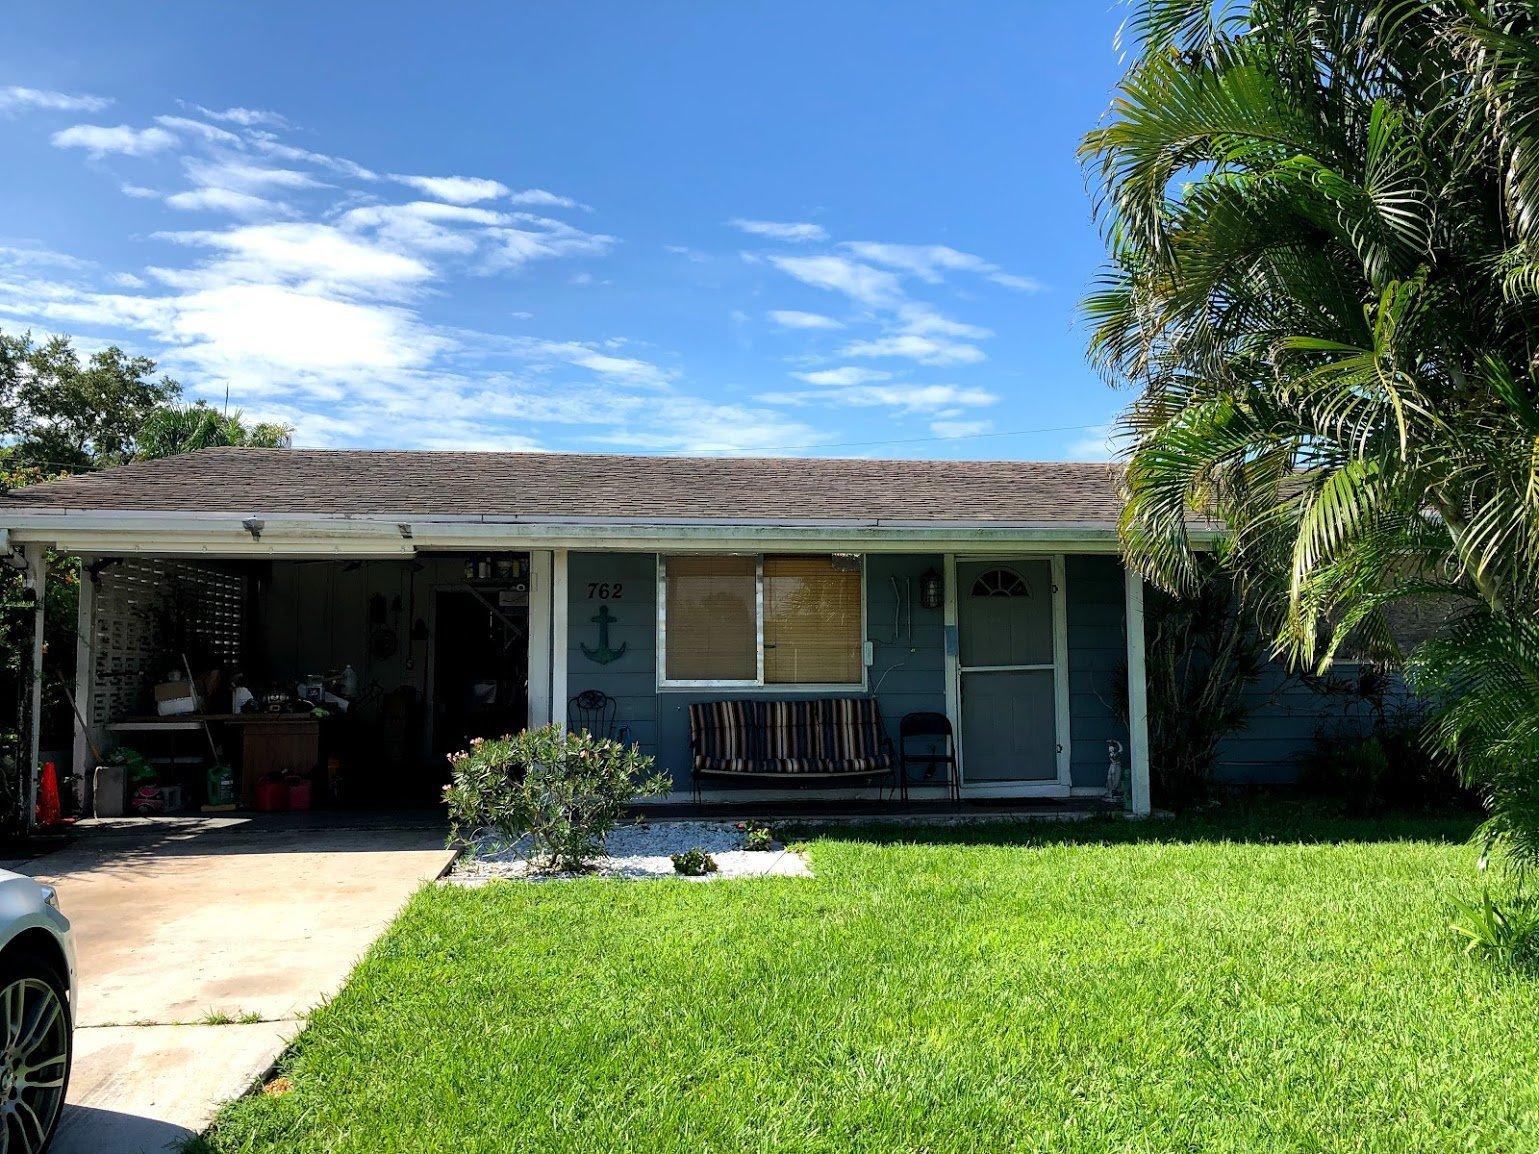 762 E Prima Vista Blvd Port St. Lucie, FL 34952 USA